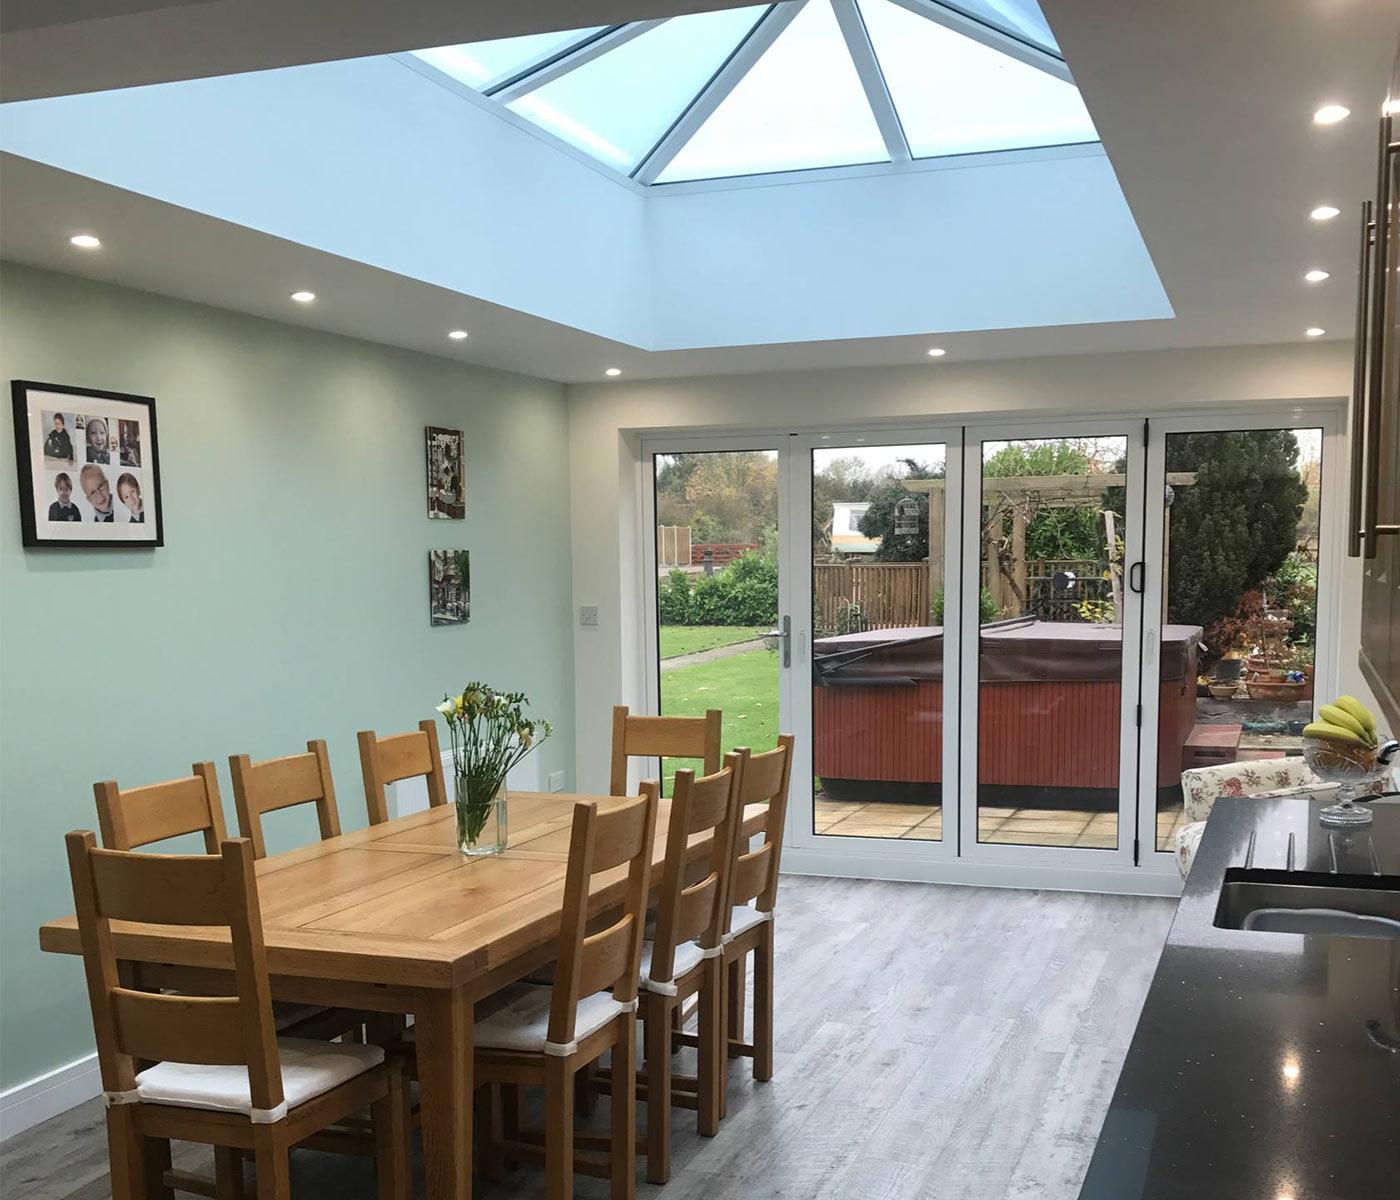 Conservatories, doors, Orangeries, Roofs, Extensions, Sovereign Home, Essex (3739)Windows & Doors, Orangeries, Roofs, Extensions, Sovereign Home, Essex (3773)